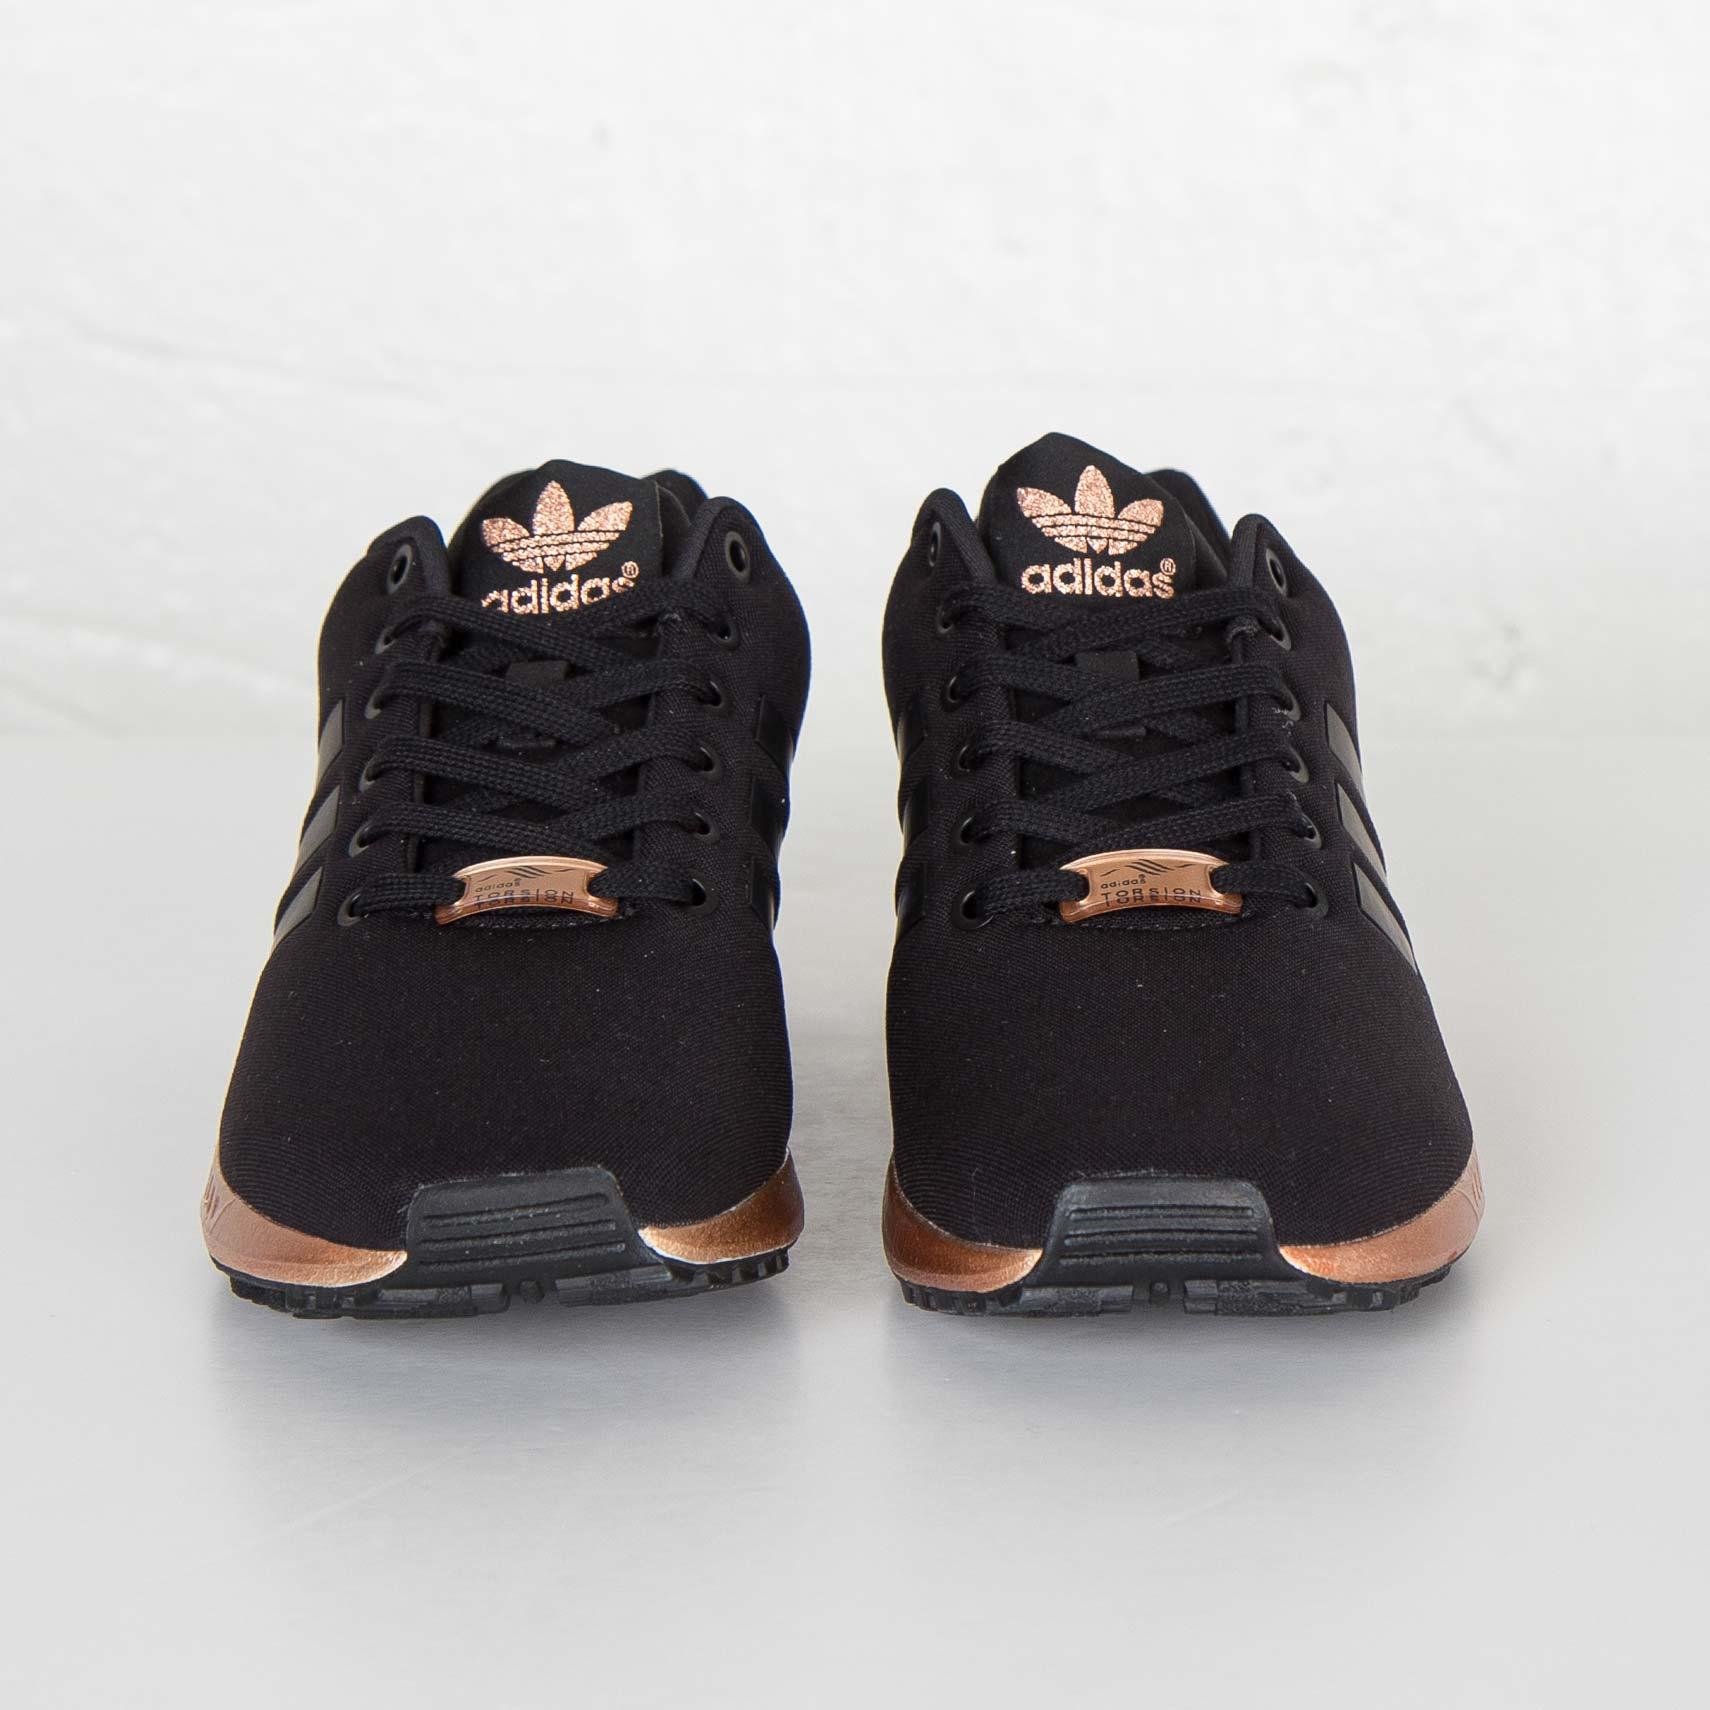 huge discount fccd3 a6067 adidas ZX Flux W - S78977 - Sneakersnstuff   sneakers   streetwear online  since 1999